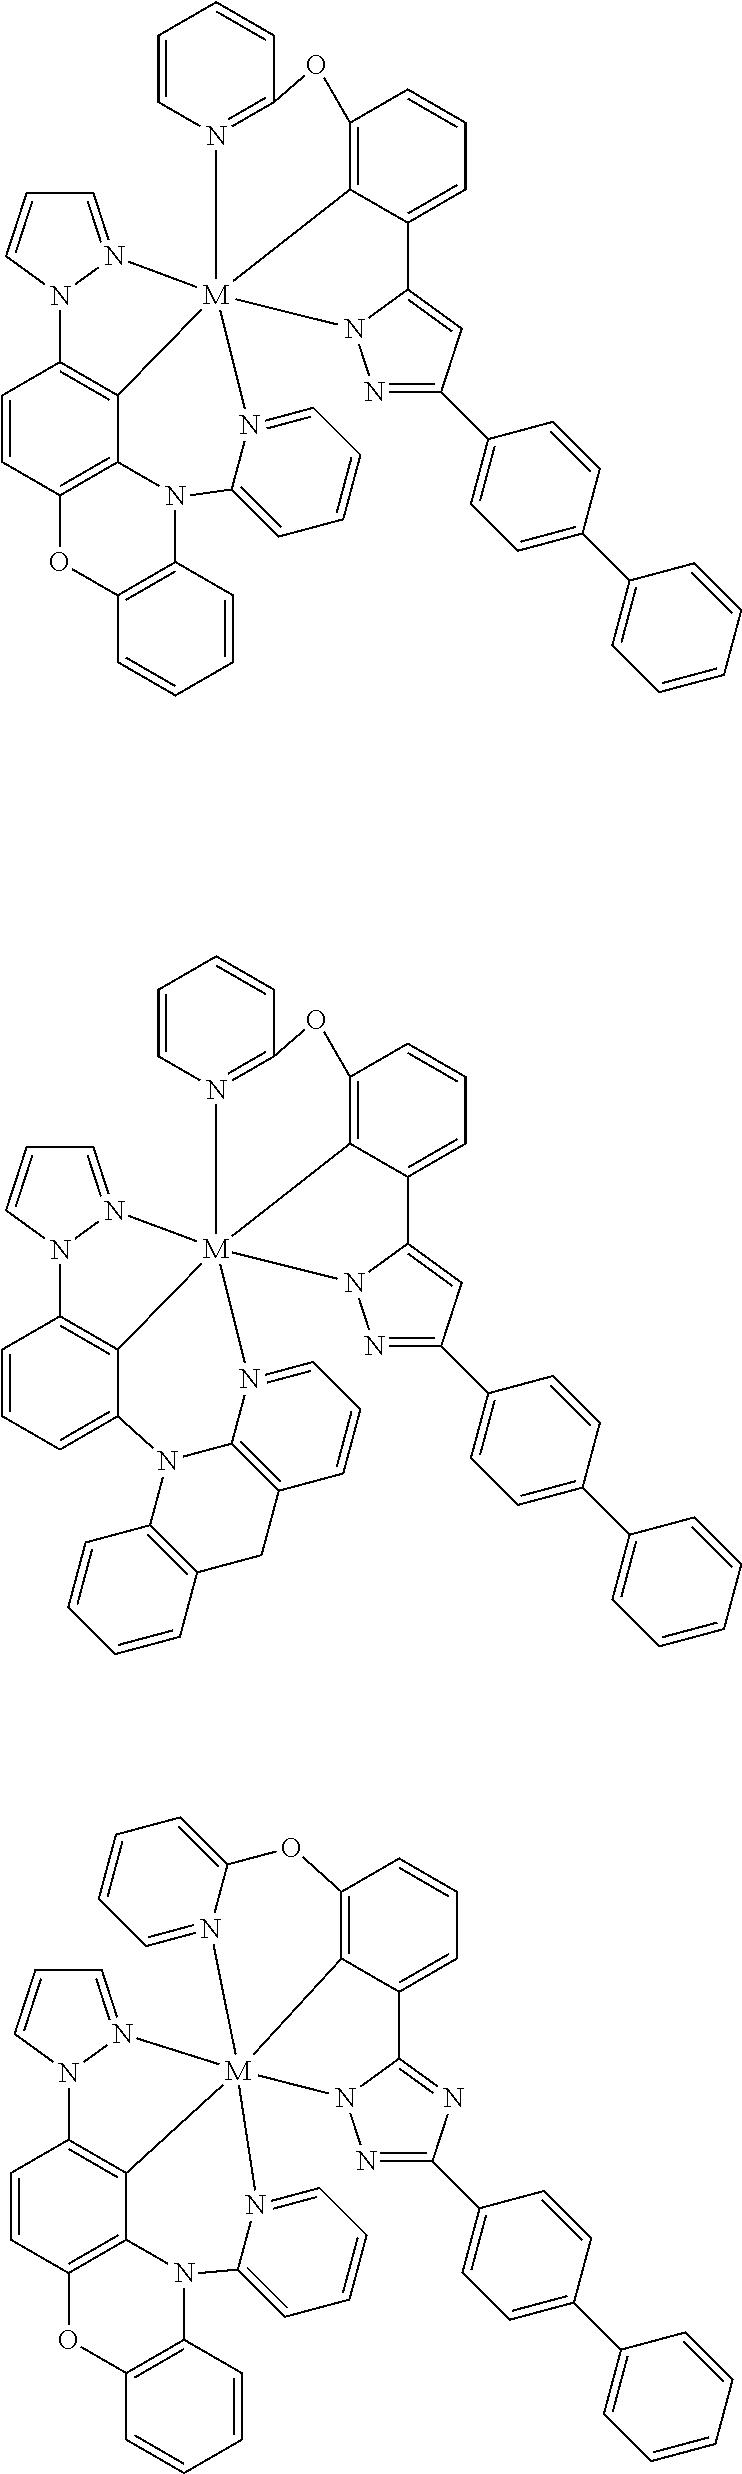 Figure US09818959-20171114-C00391